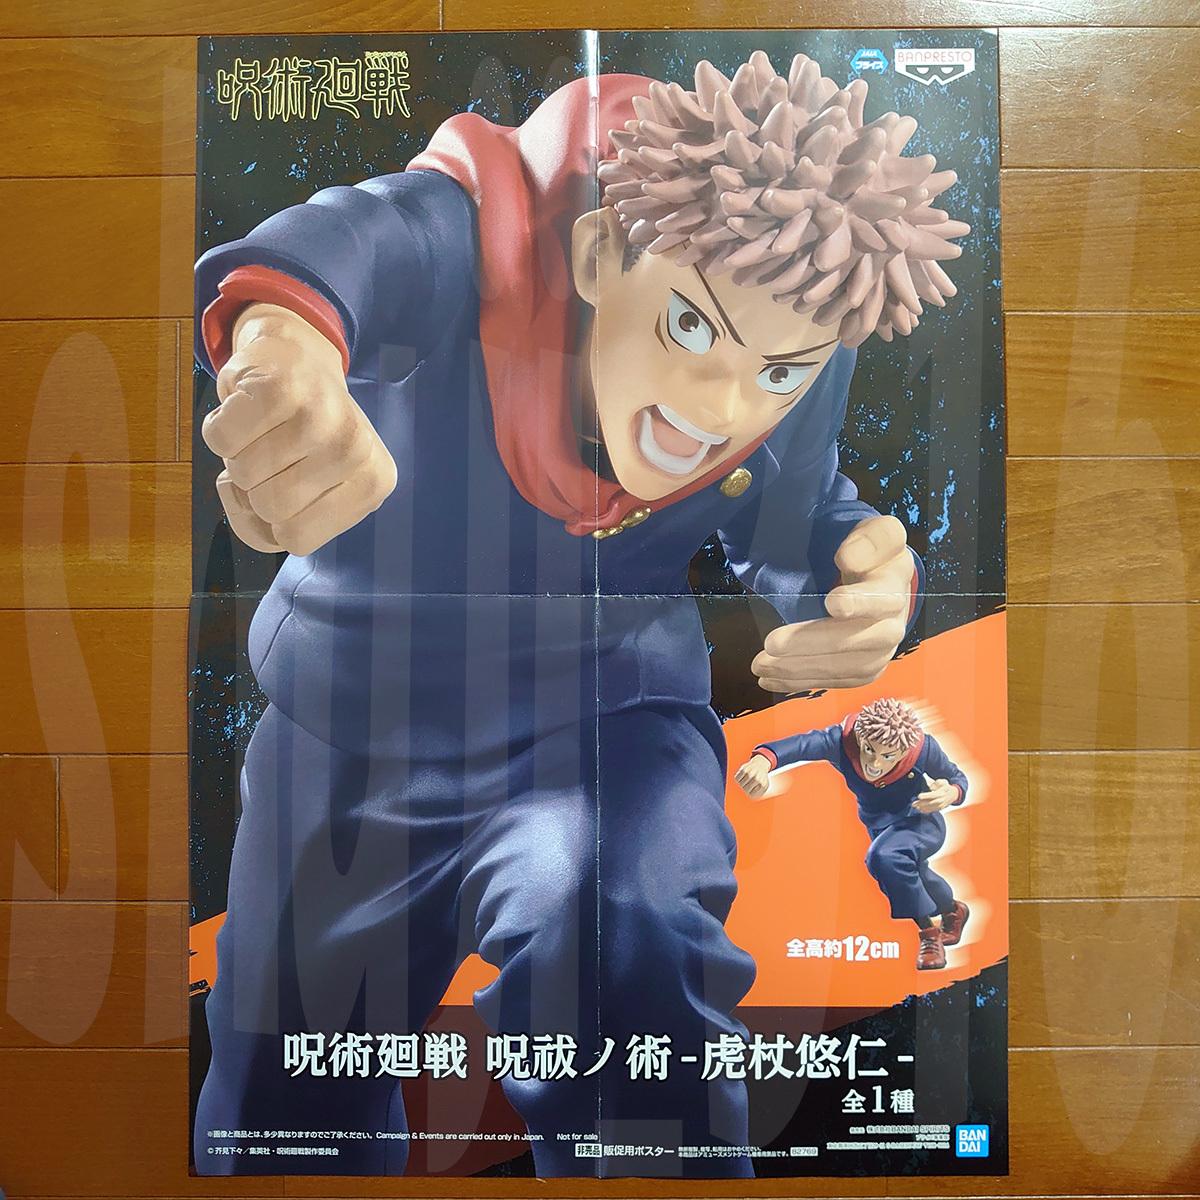 ポスター付 バンプレスト 呪術廻戦 呪祓ノ術 虎杖悠仁 フィギュア_オマケのポスターです。(折り目あり)